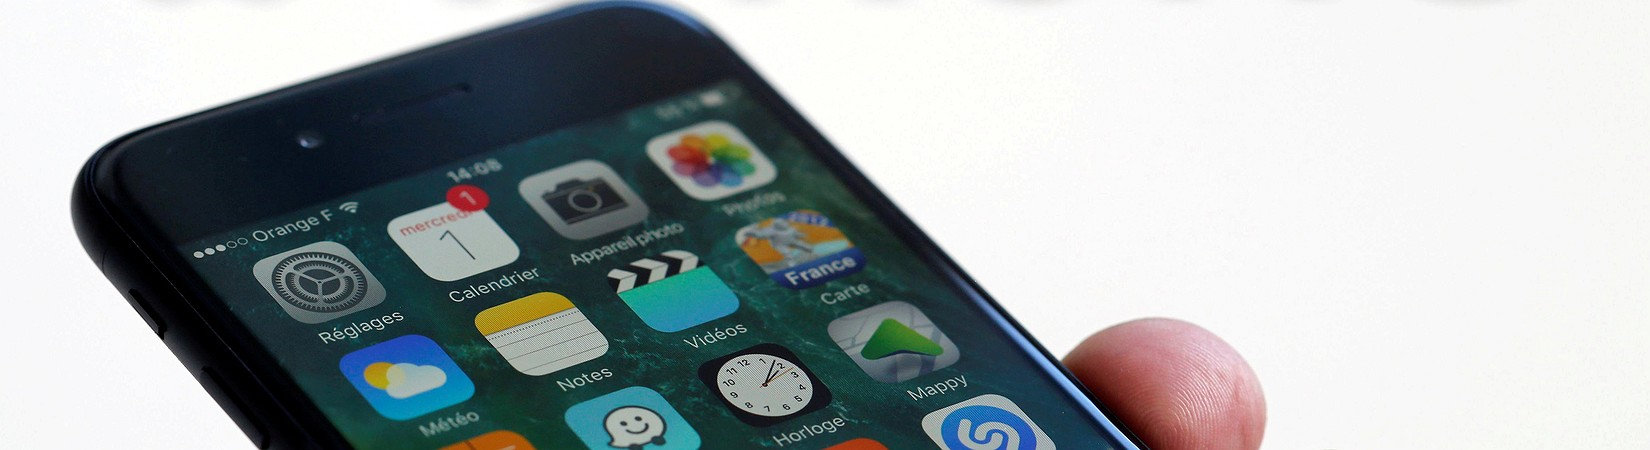 Apple no deja de batir récords: ¿Cuál es su secreto?